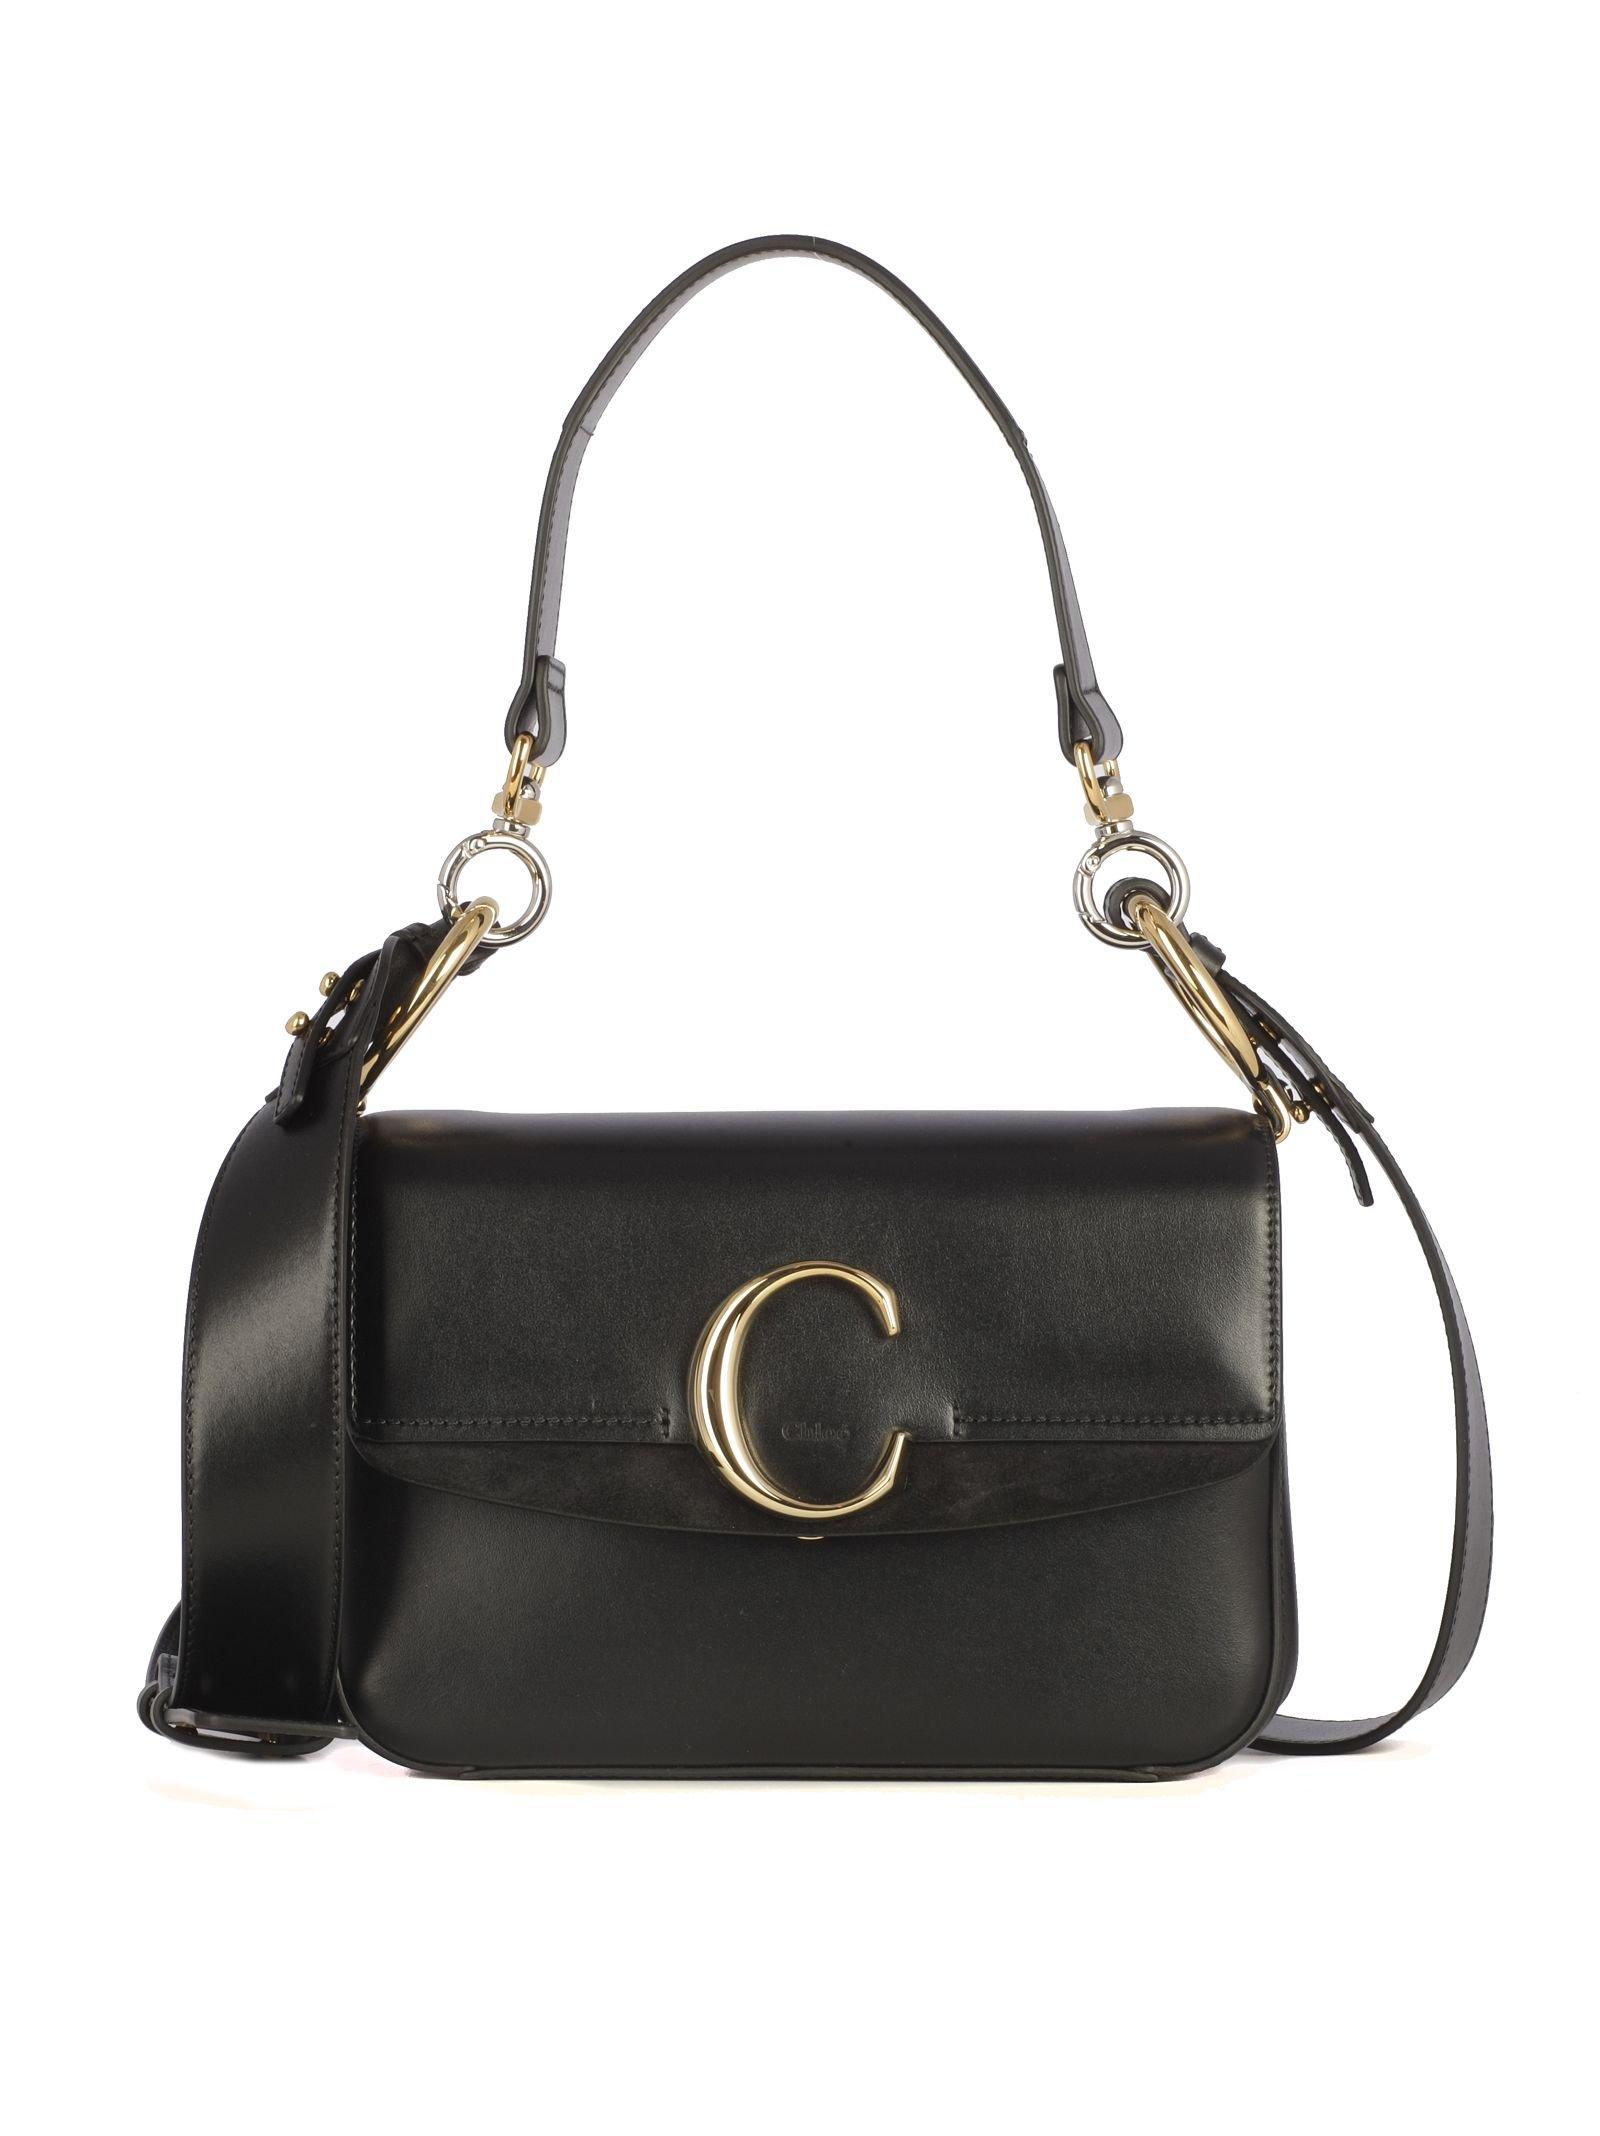 Chloé S C Double Shoulder Bag